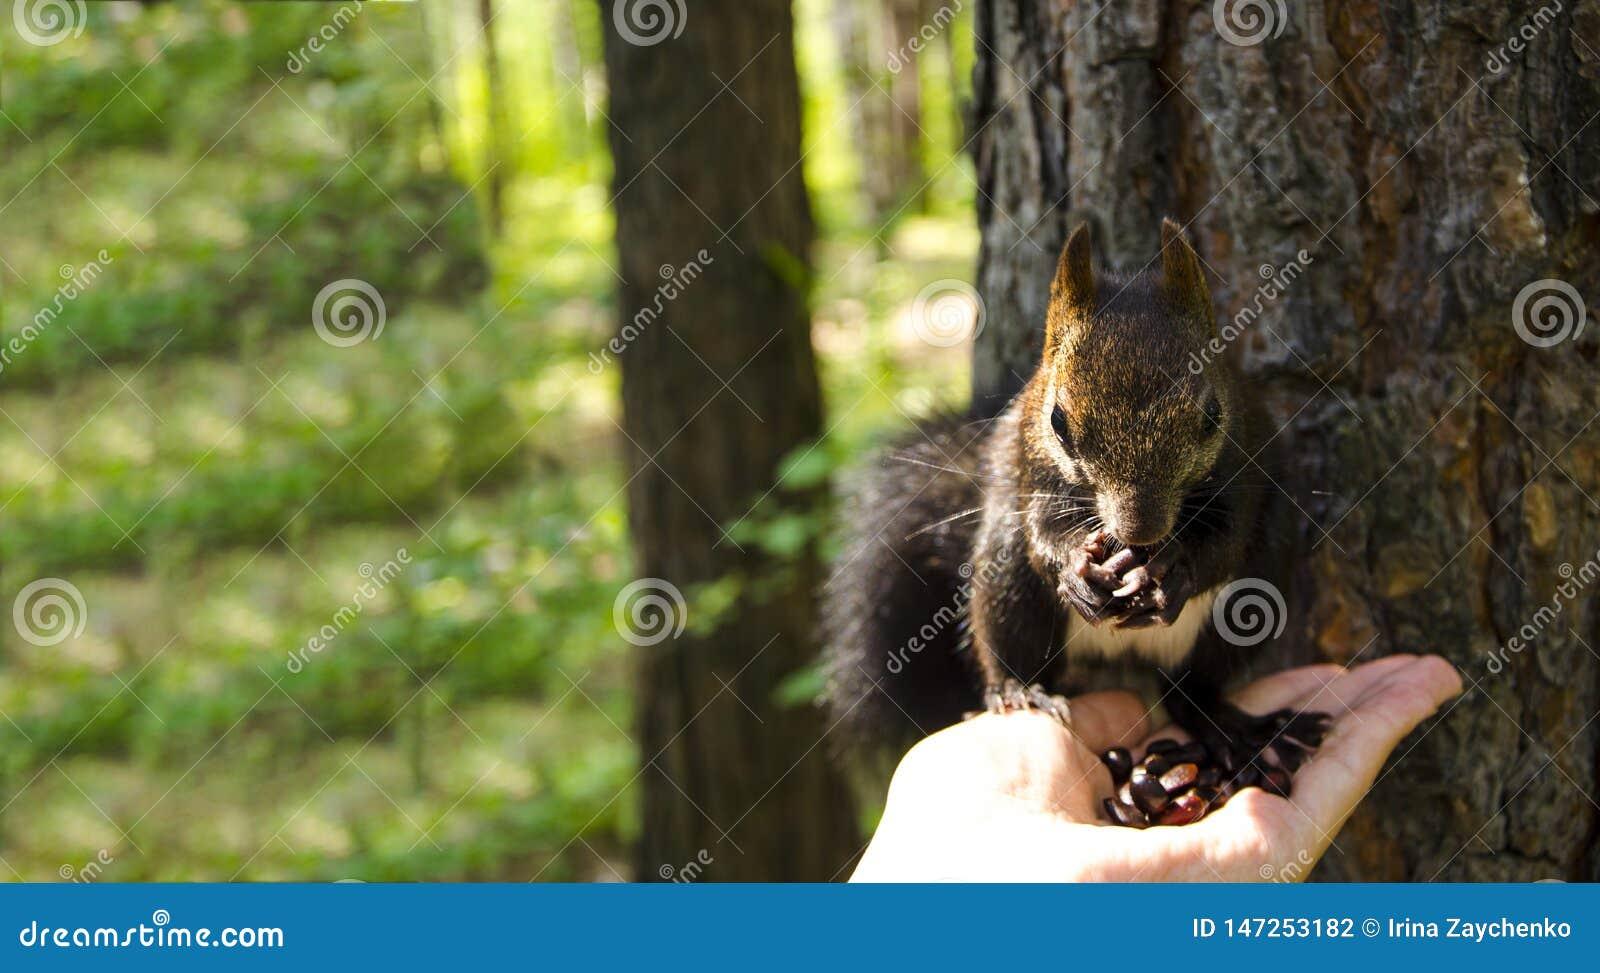 灰鼠吃 灰鼠采取从他的手的坚果